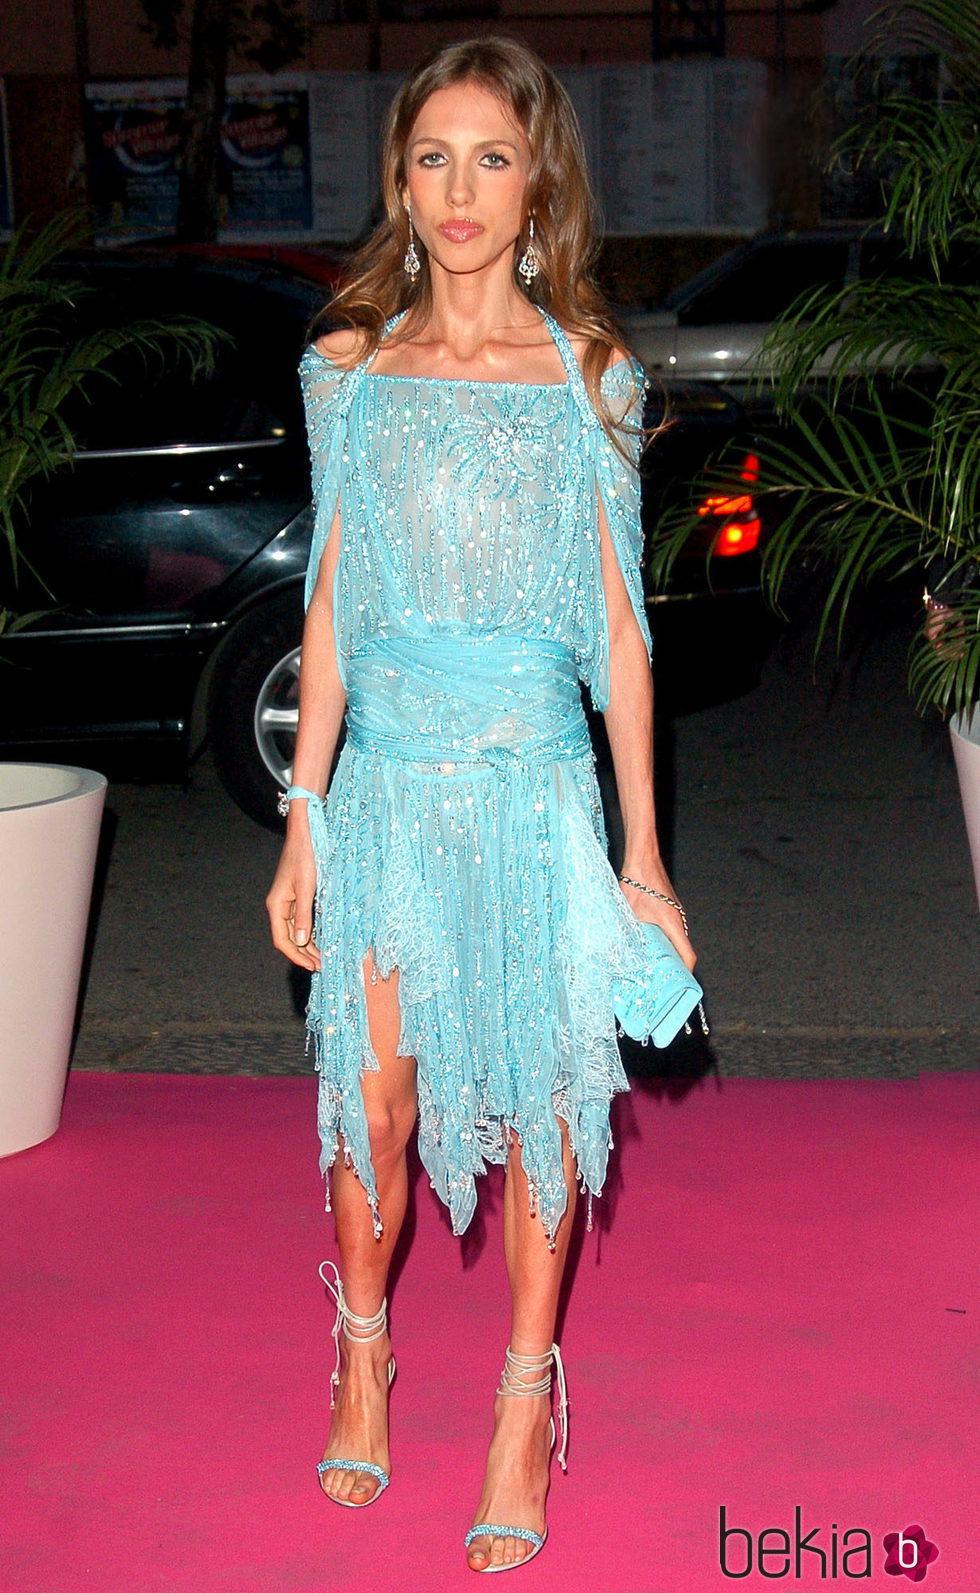 Allegra Beck Versace llegando a la fiesta de su 18 cumpleaños